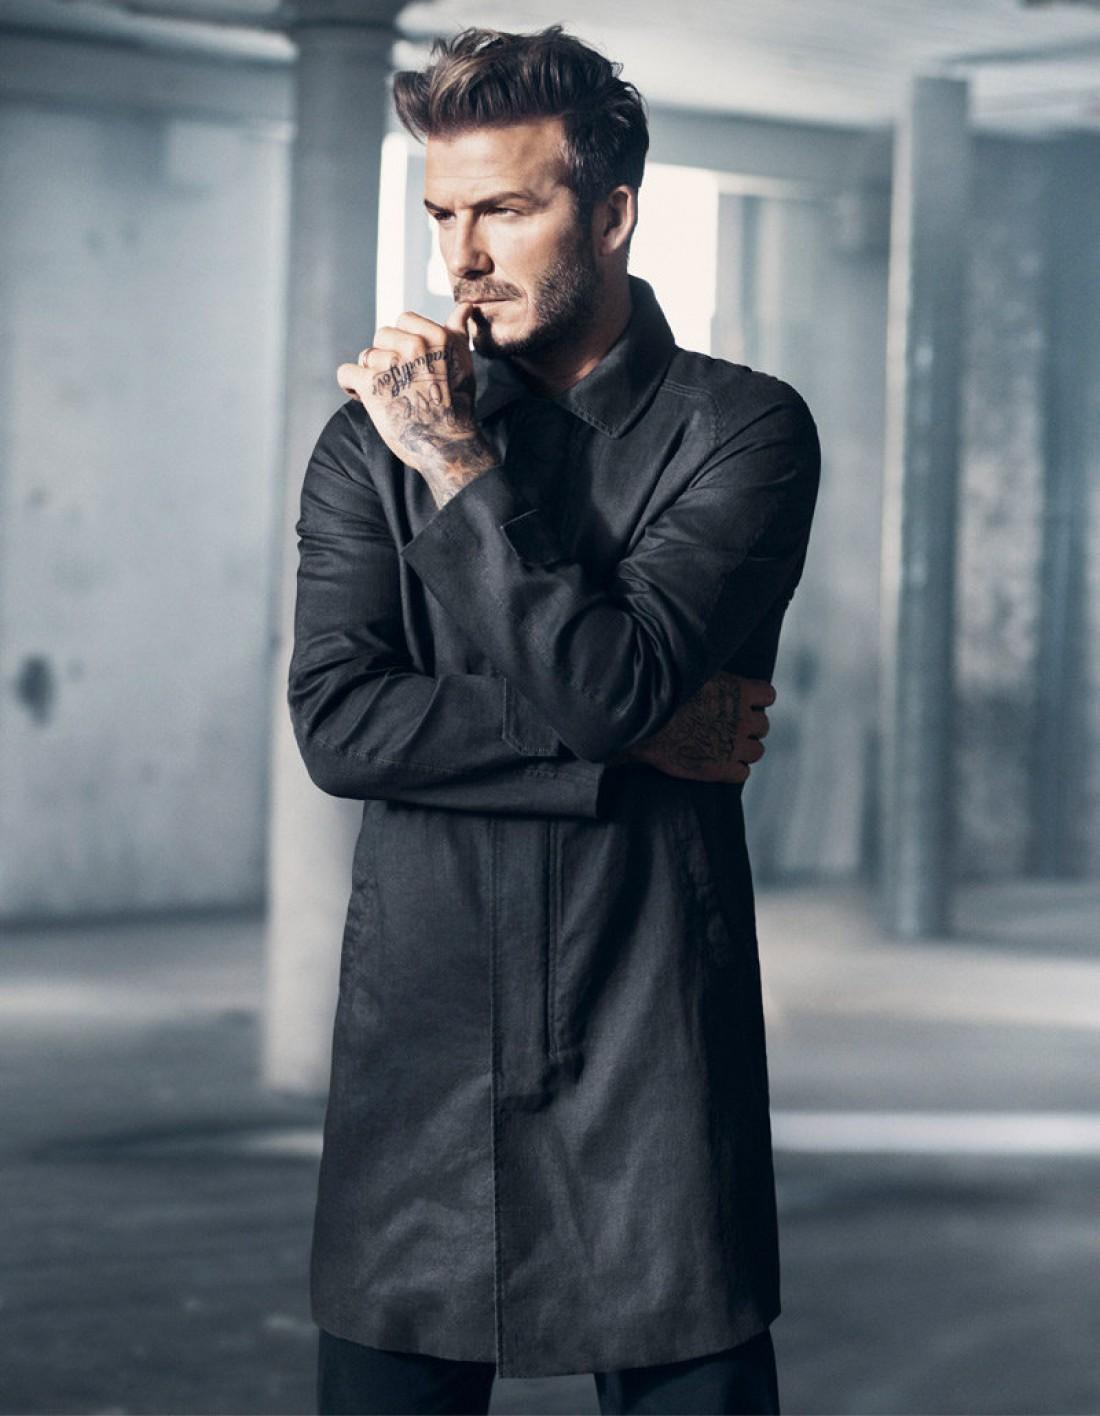 Дэвид Бекхэм снялся в новом видео для H&M